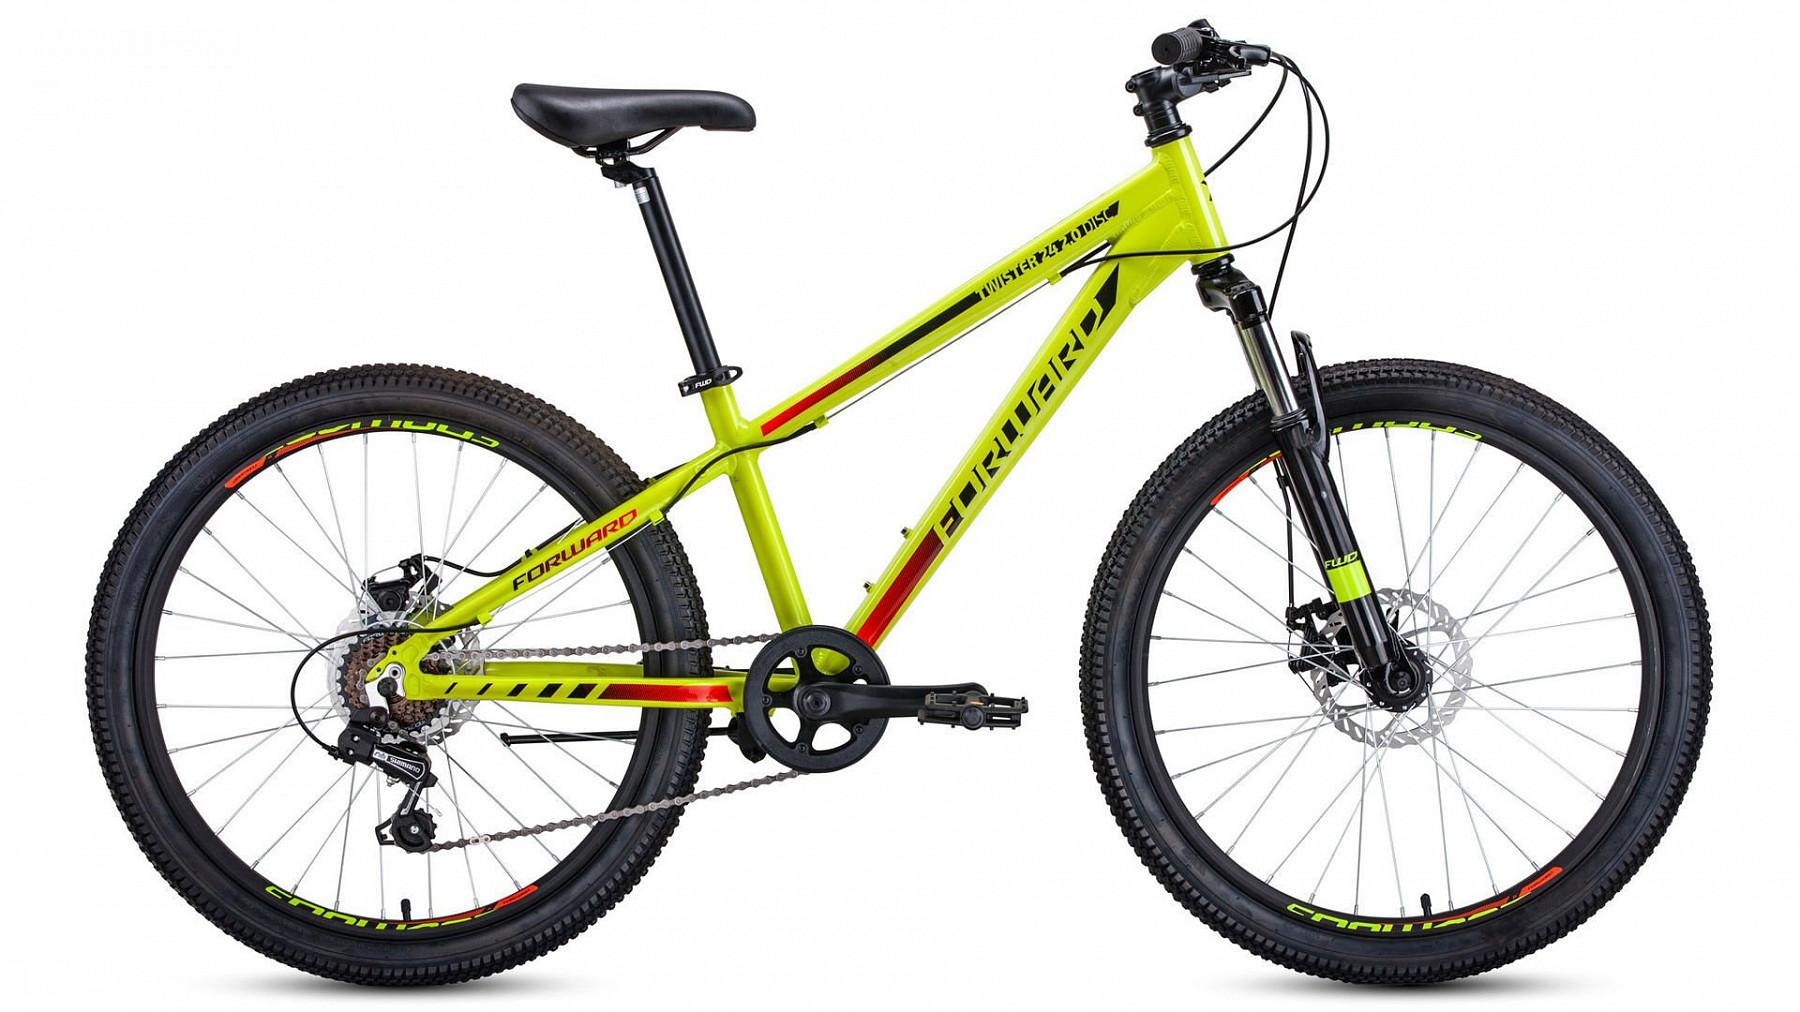 Велосипед FORWARD TWISTER 2.0 DISC 24 2020 - СКИДКА 17% + ПОДАРОК., И-0063961  - купить со скидкой